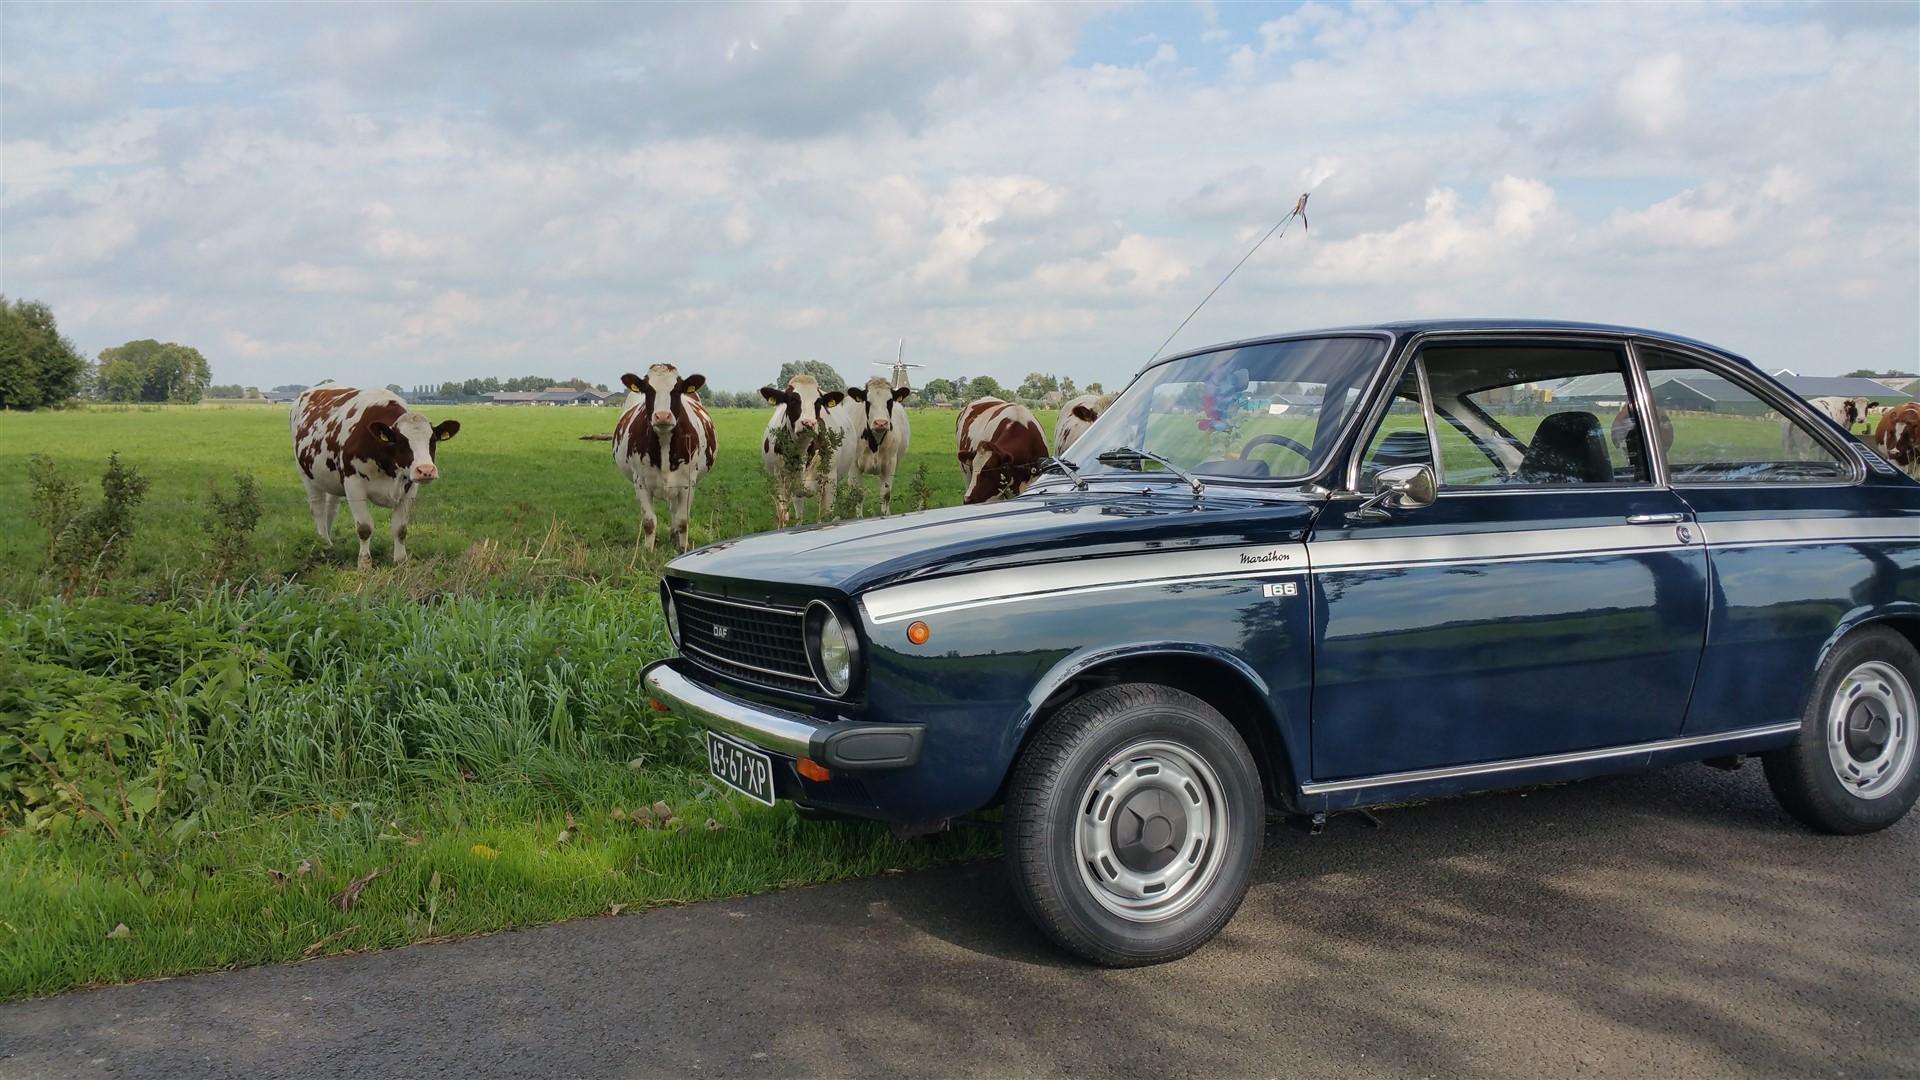 Dafne koeien 21 september 2015